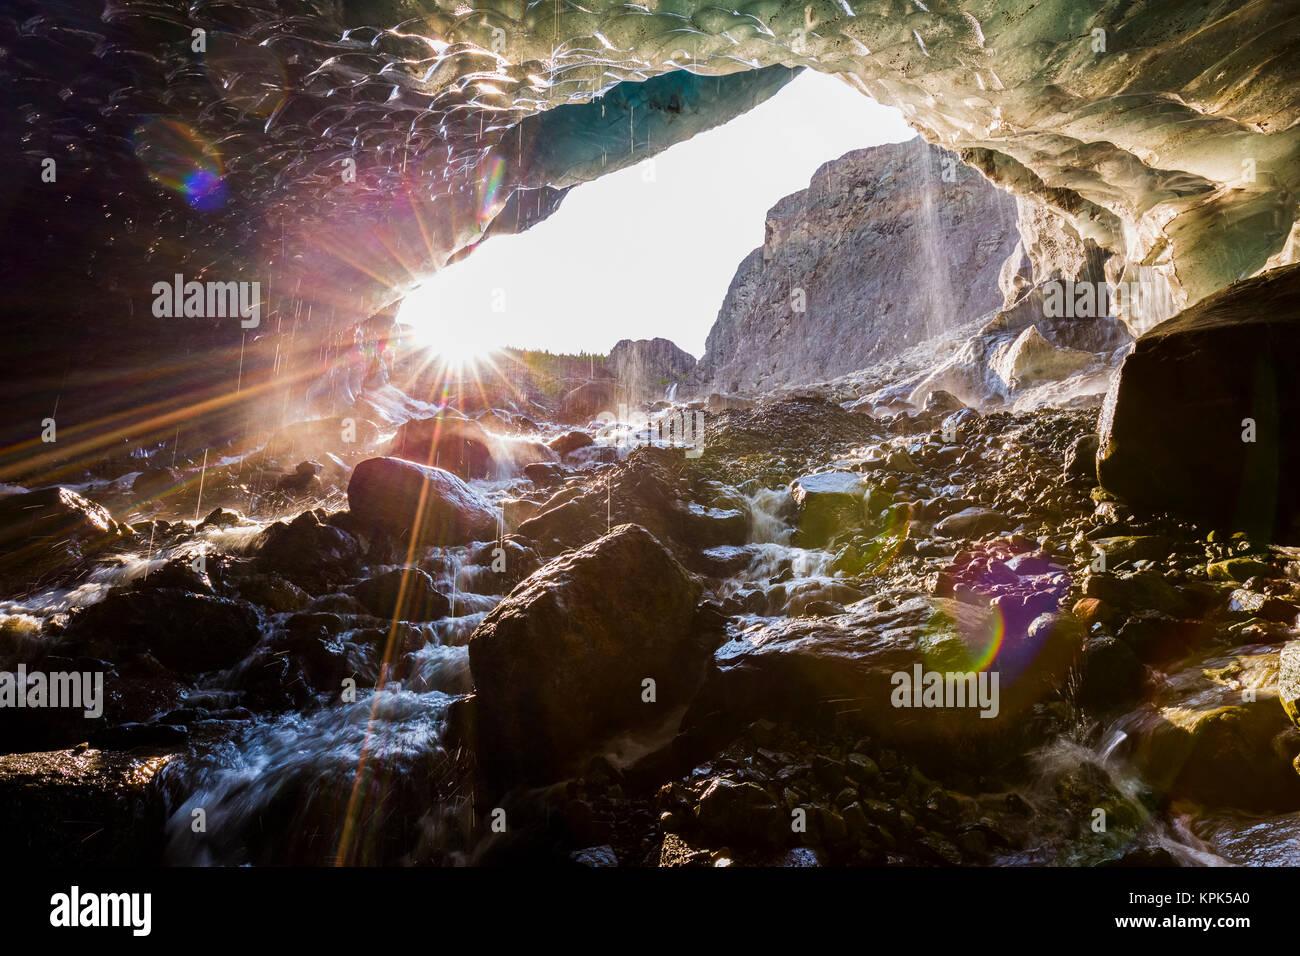 Le soleil brille dans une grotte sous la glace du glacier en racine Wrangell-St. Elias National Park, Alaska, États Photo Stock